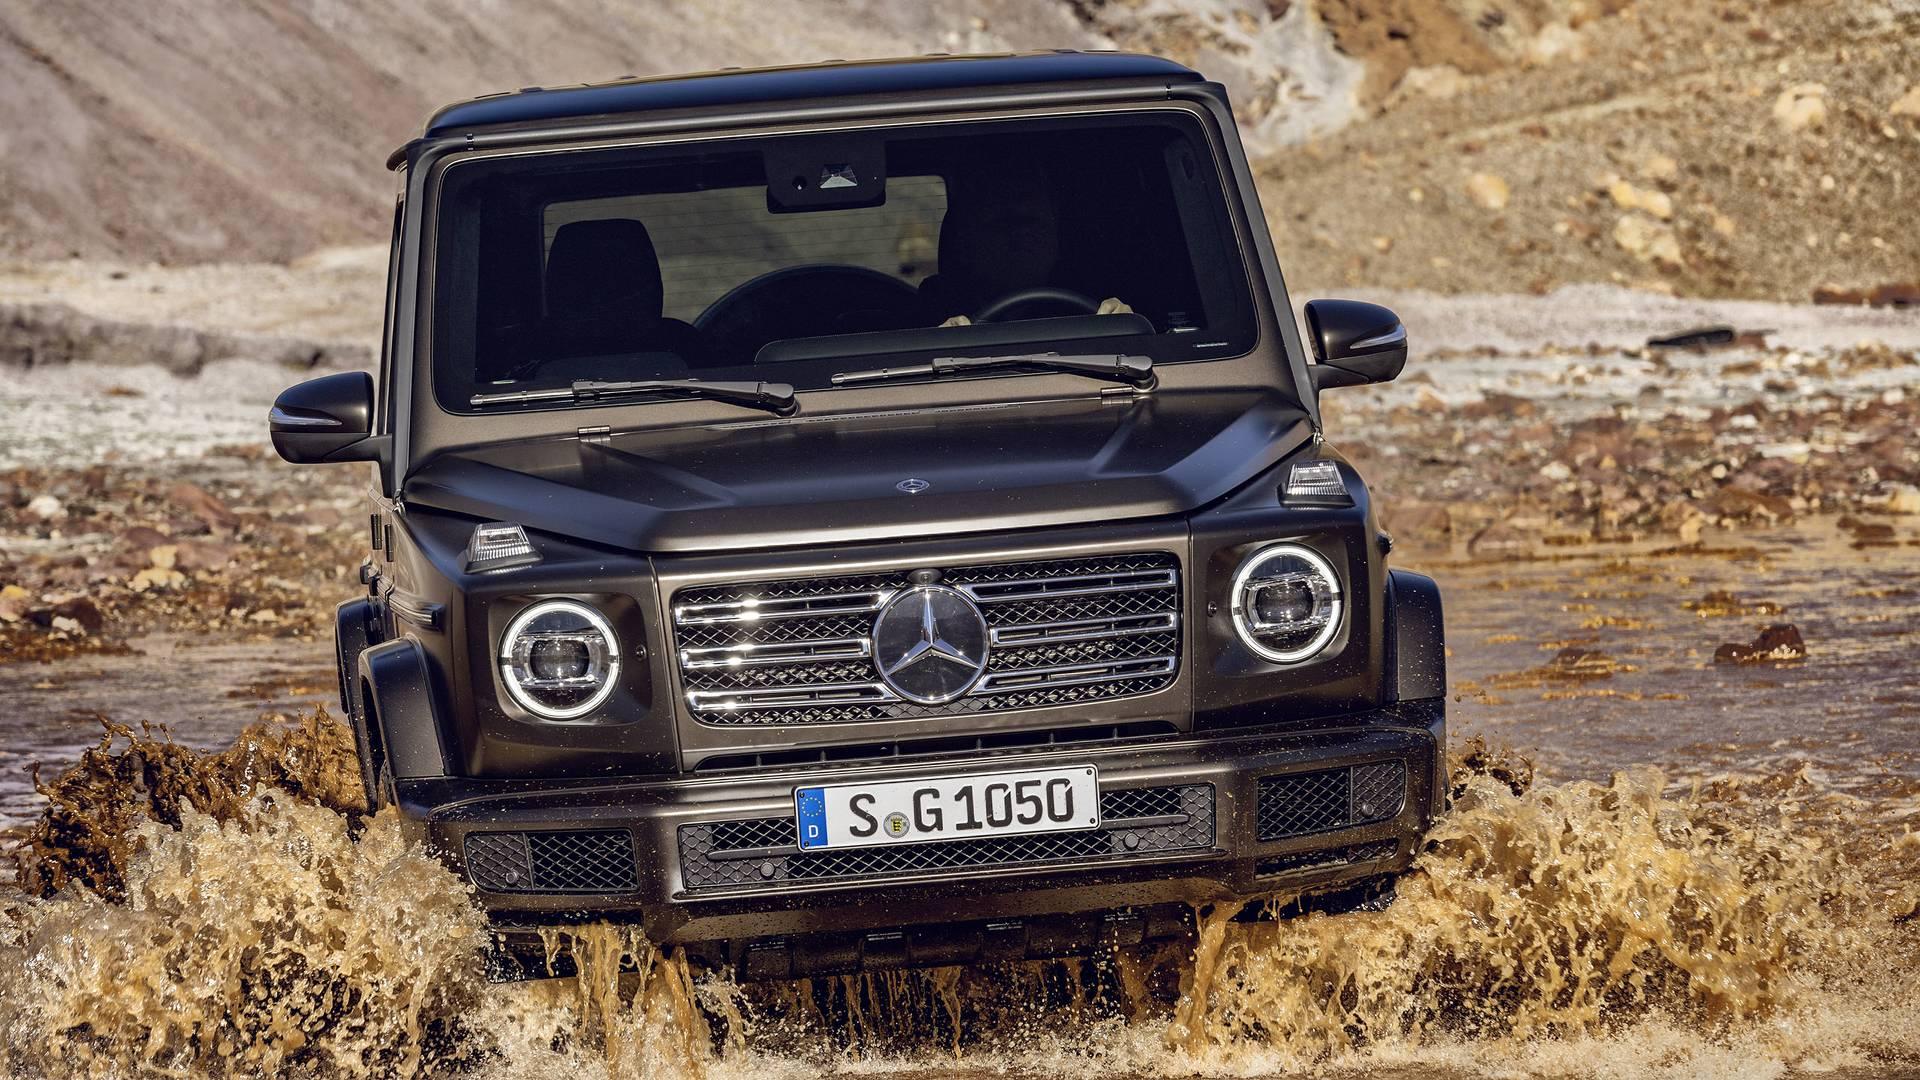 Mercedes G-osztály 2019